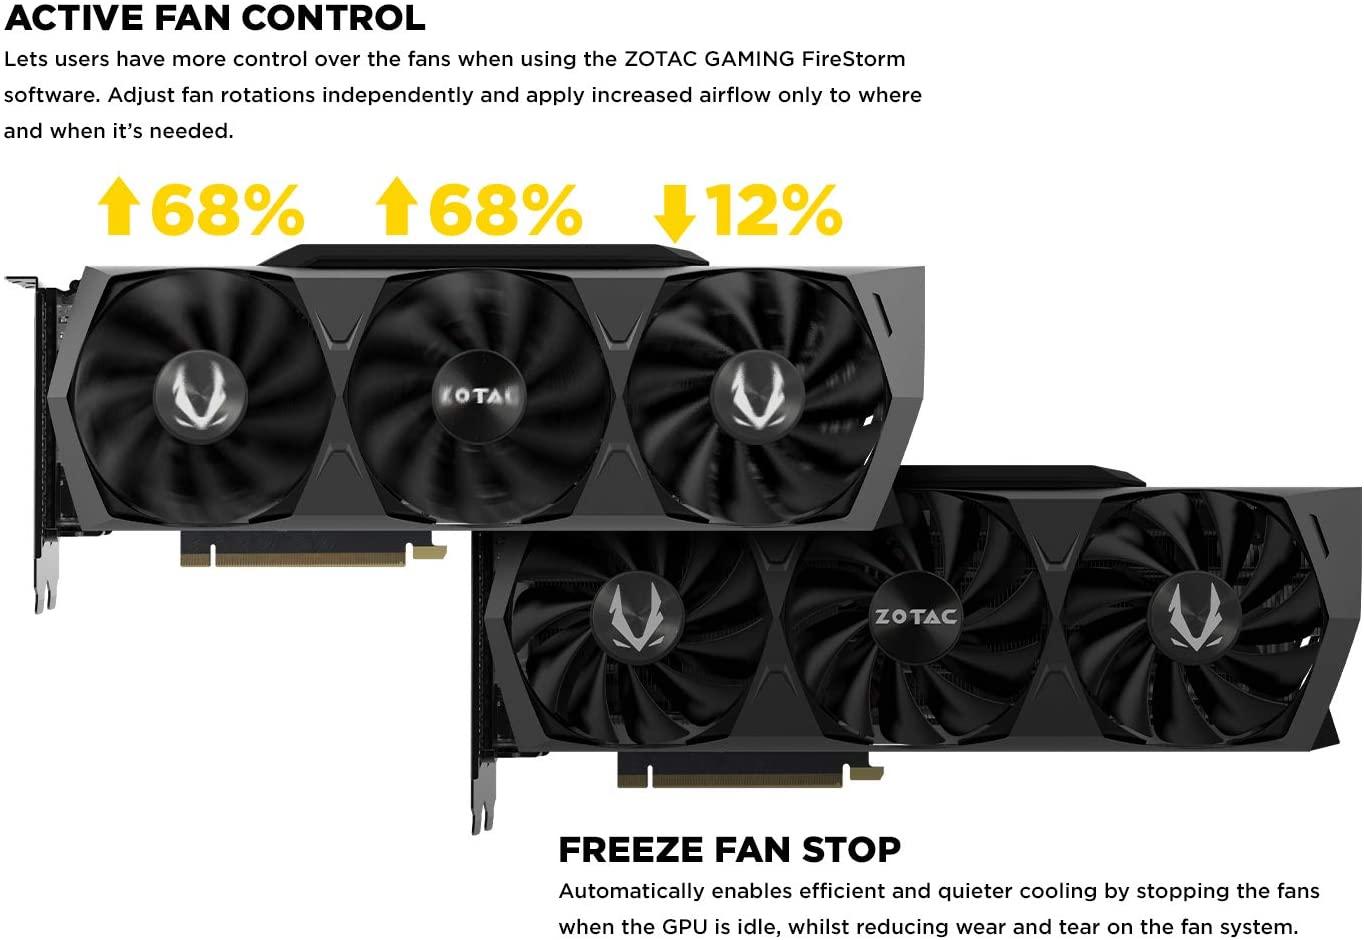 (관부가세별도) ZOTAC Gaming GeForce RTX 3080 Trinity OC 10GB GDDR6X 320-bit 19 Gbps PCIE 4.0 Gaming Graphics Card IceSt-B08HVV2P4Z, Trinity OCone size